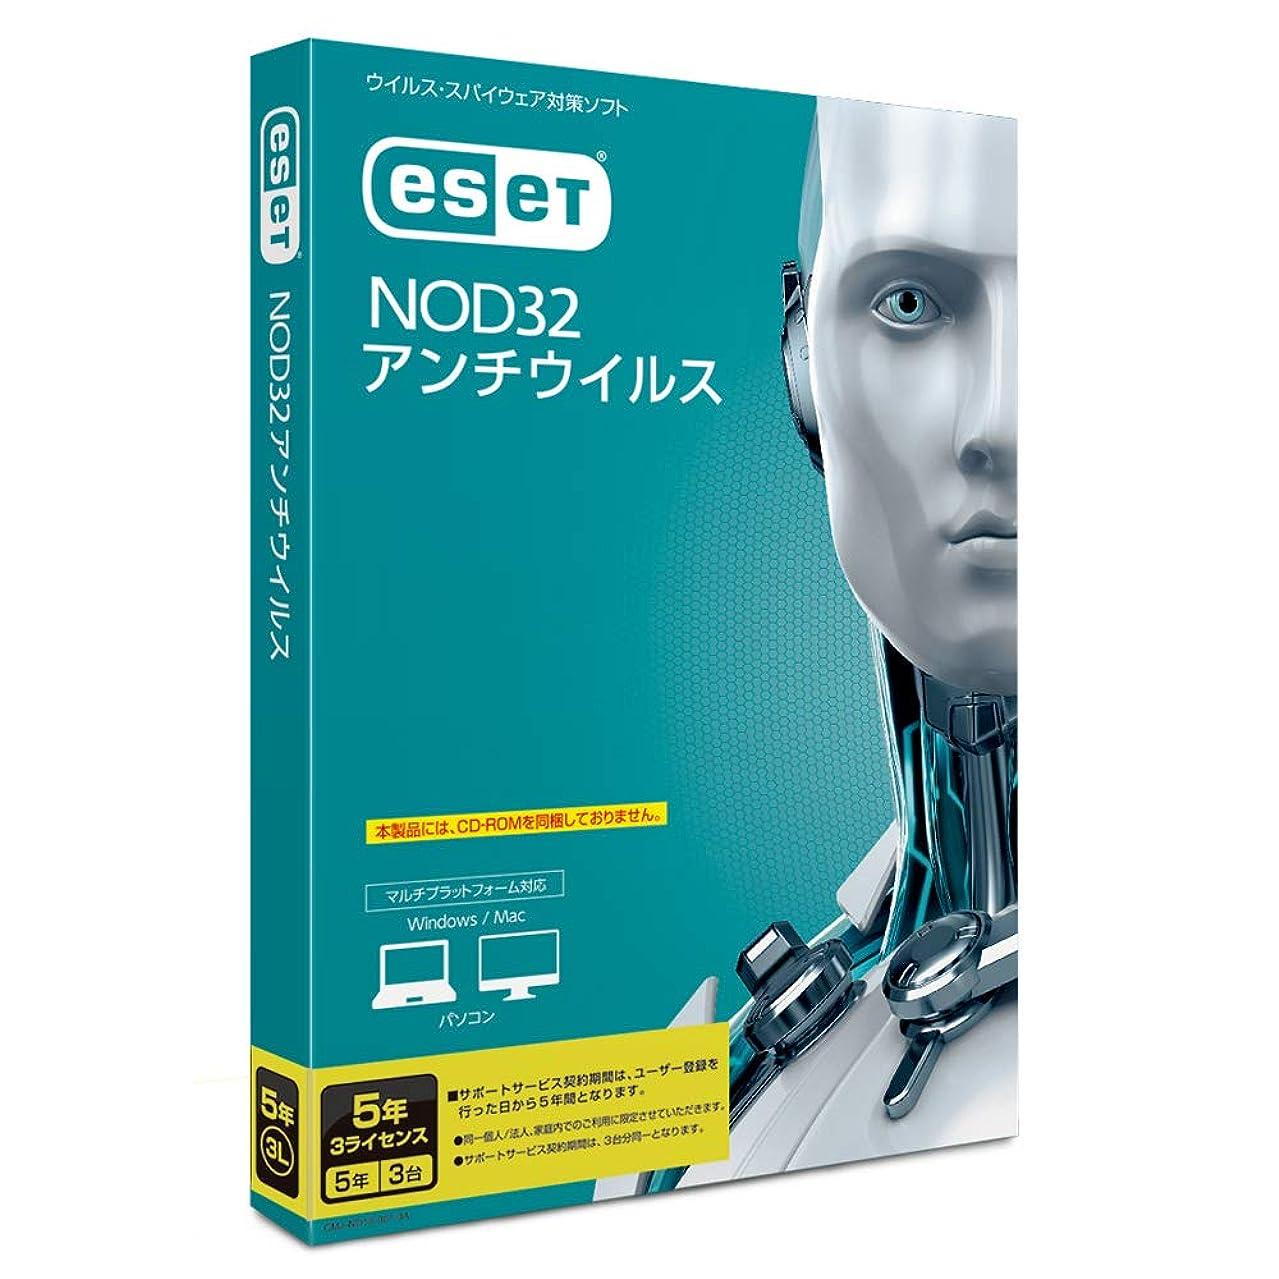 彼弾丸批判的ESET NOD32アンチウイルス(最新)|3台5年版|Win/Mac対応